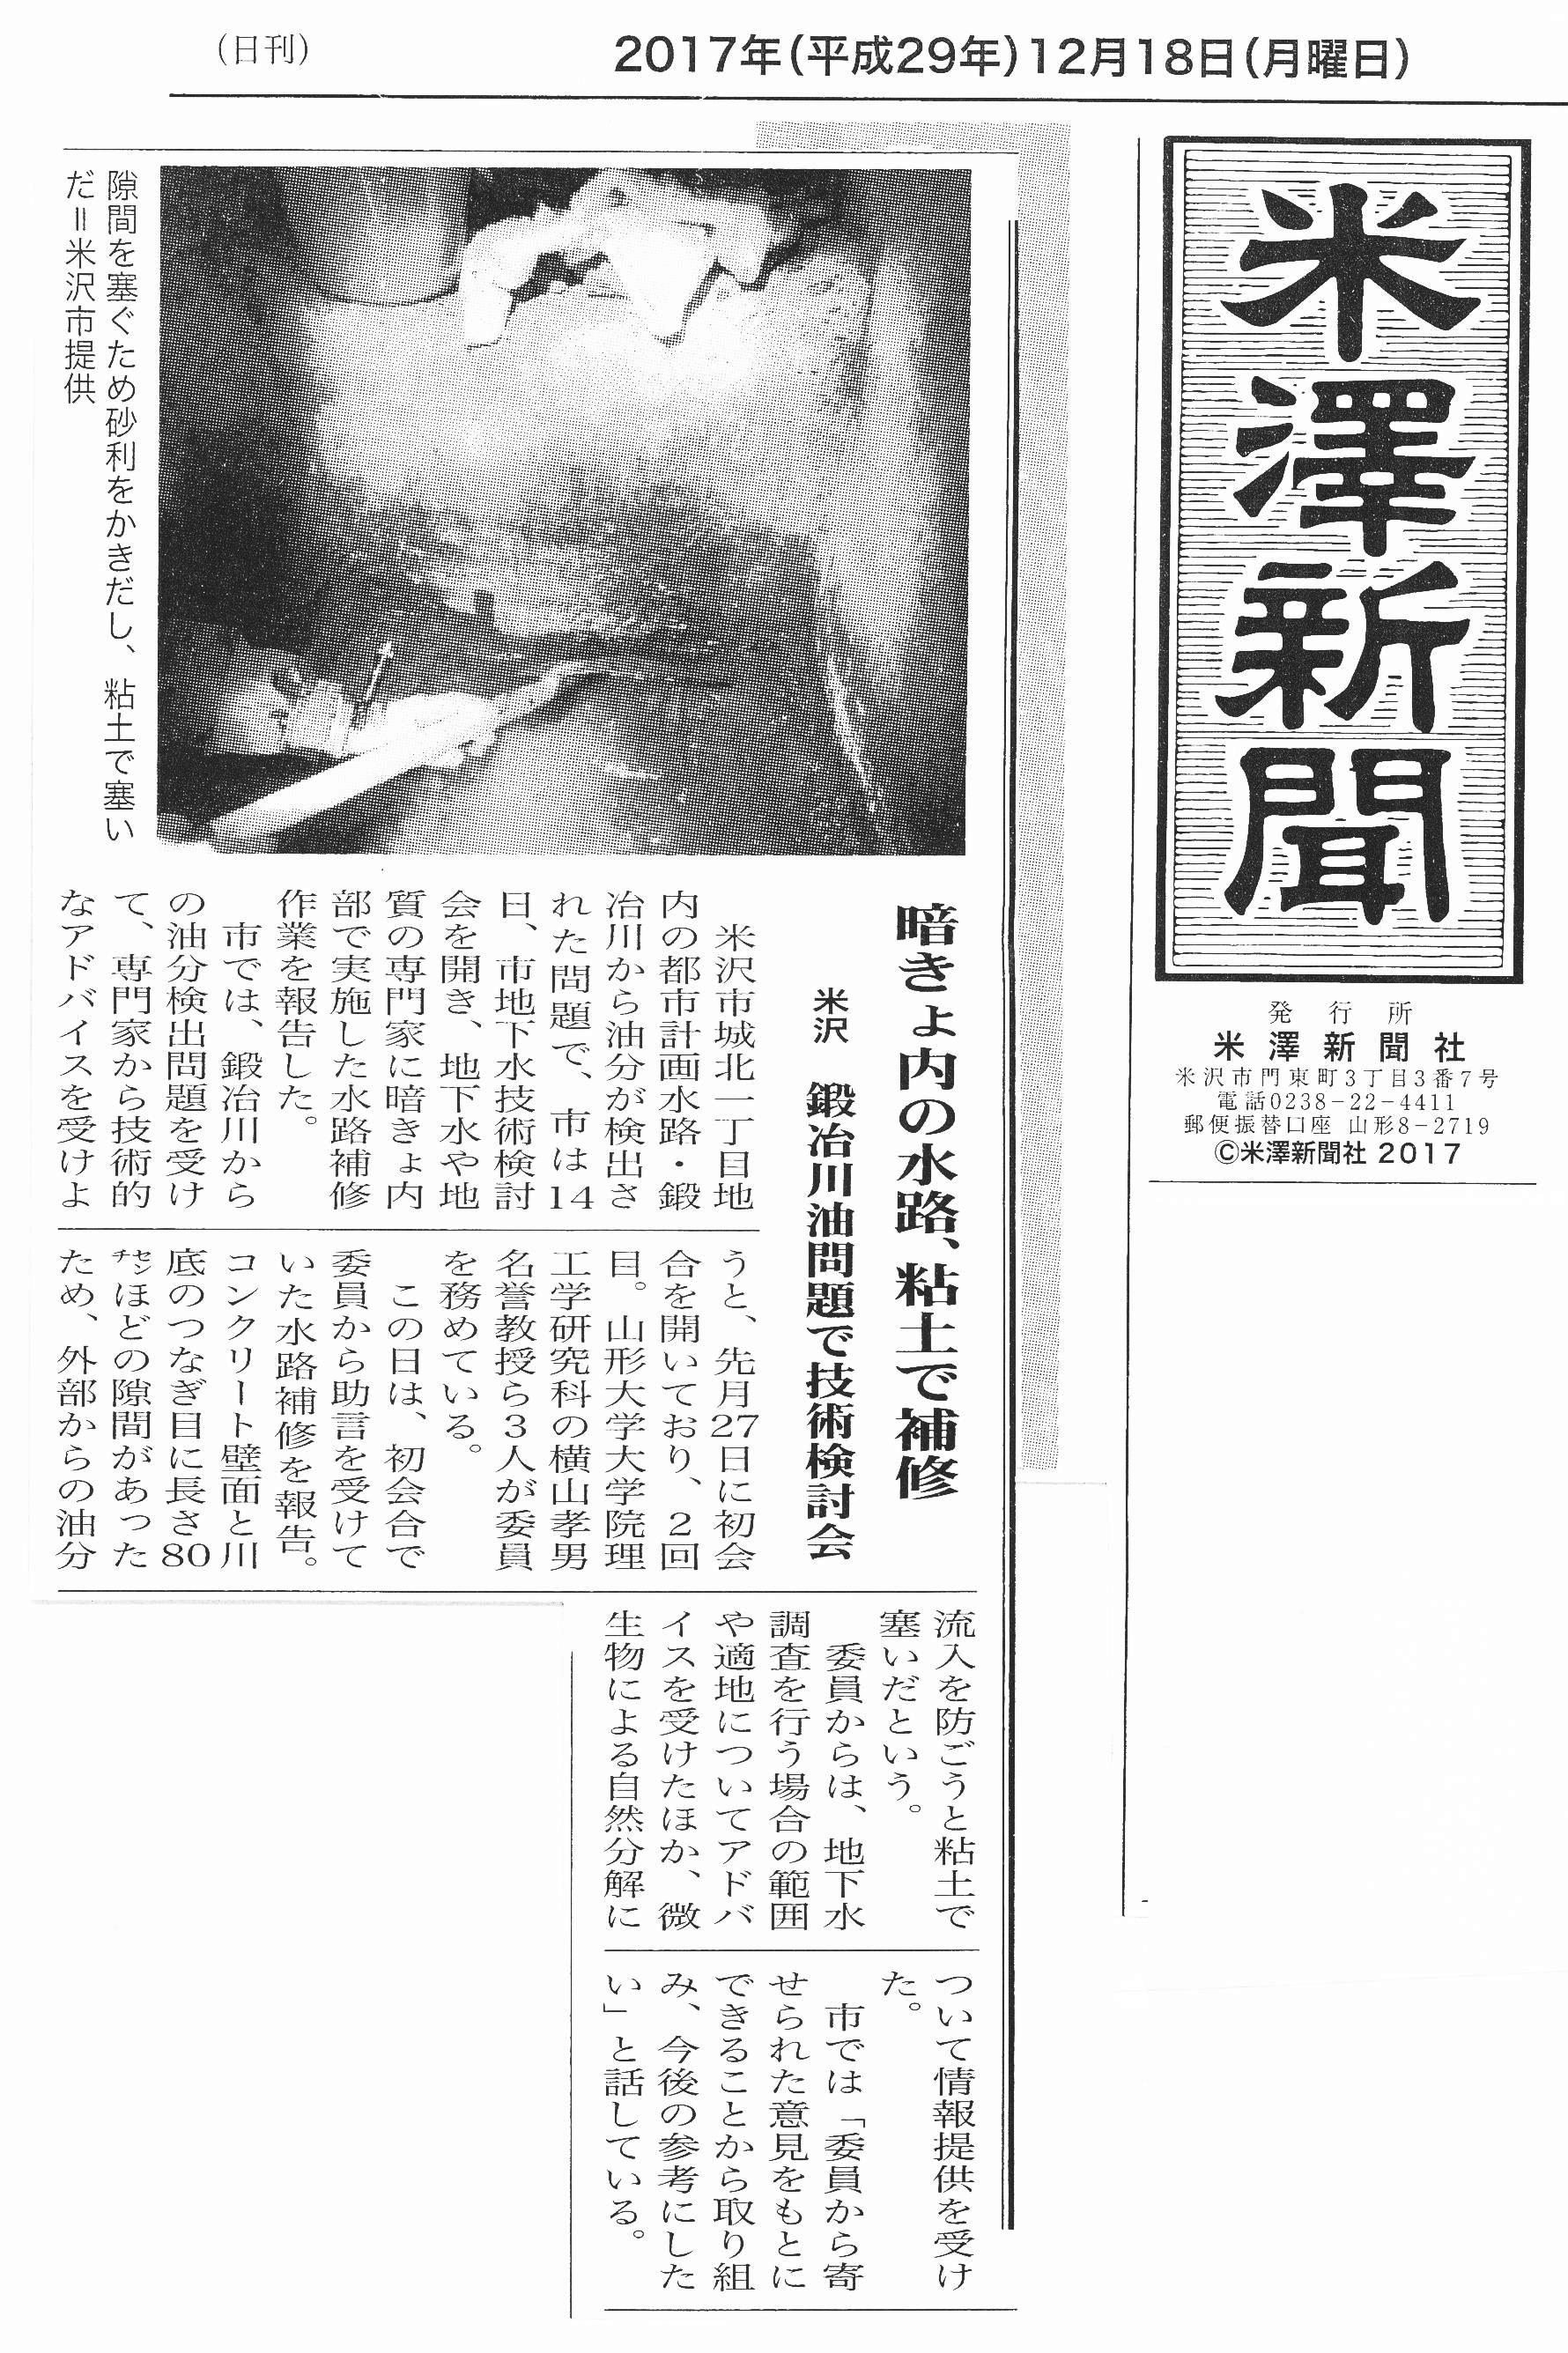 米沢新聞29_12_18